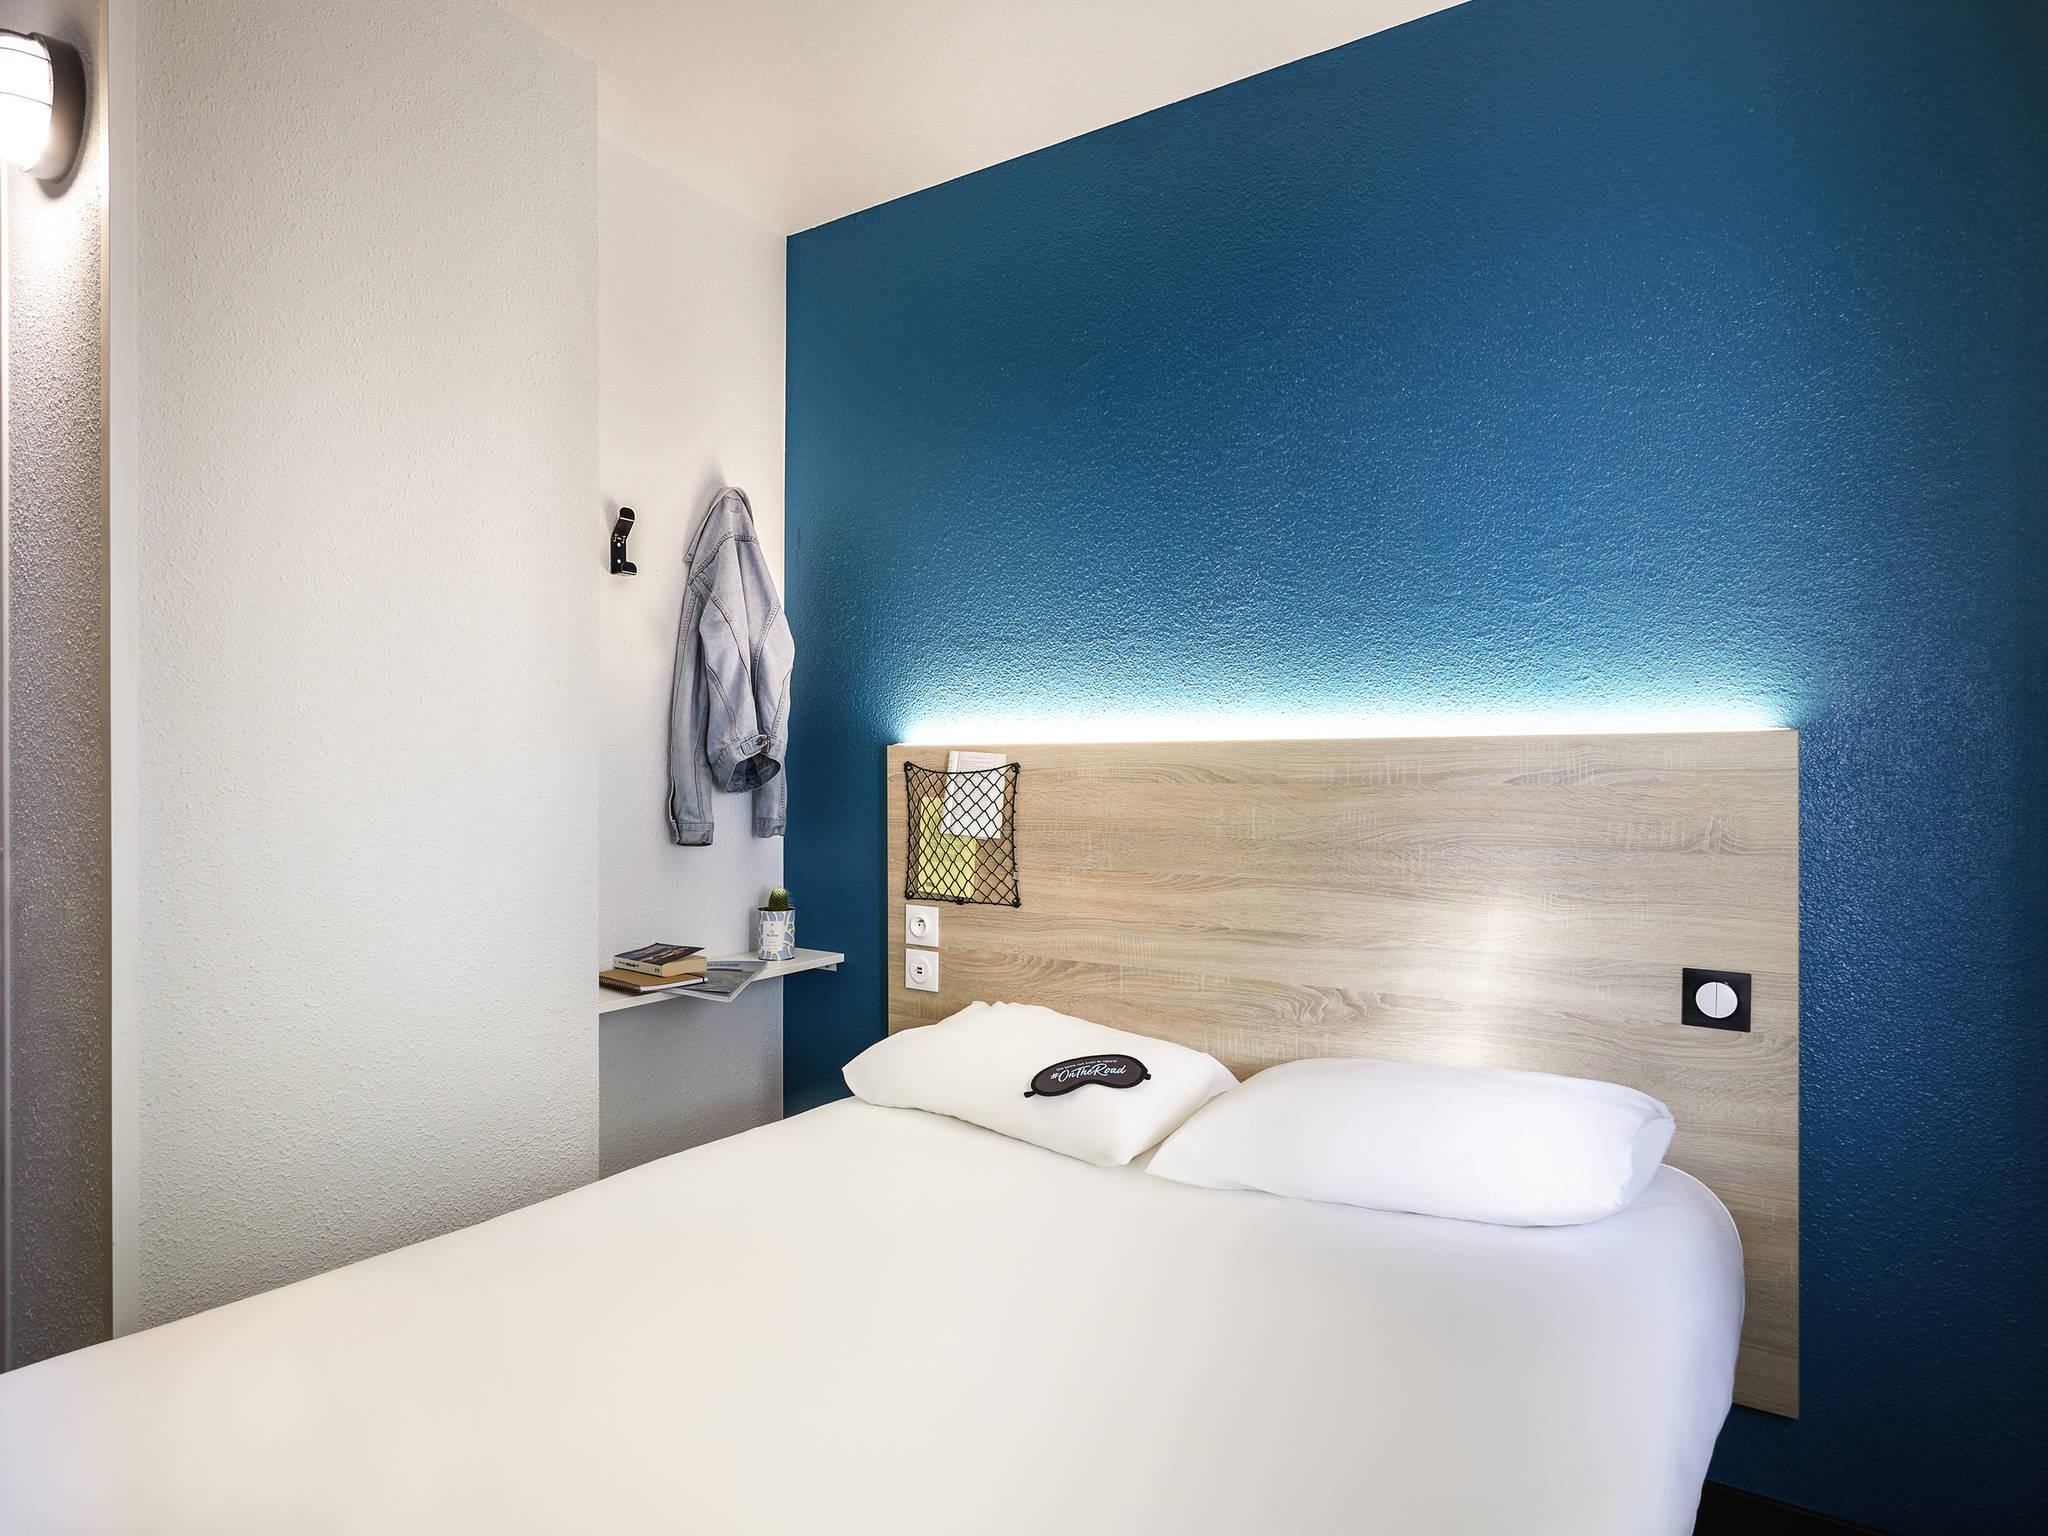 ホテル – hotelF1 Gennevilliers Asnières (rénové)